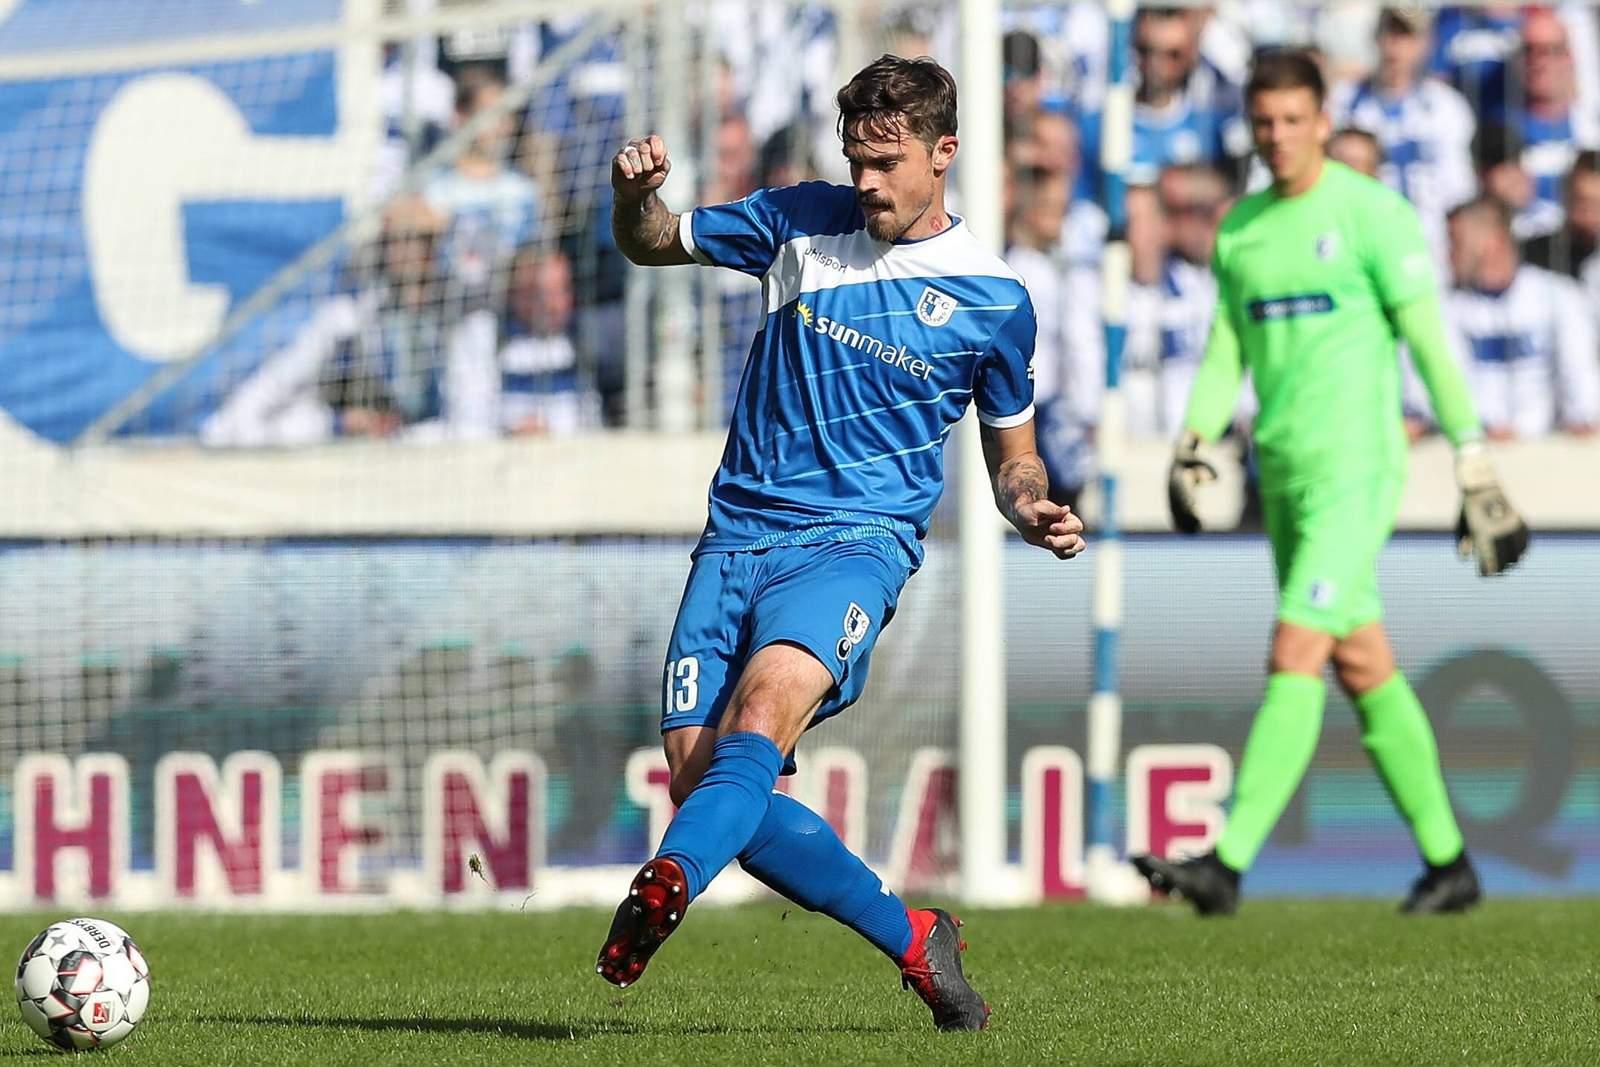 Führt Dennis Erdmann Magdeburg zum ersten Sieg unter Neu-Trainer Oenning? Jetzt auf Fürth gegen Magdeburg wetten.